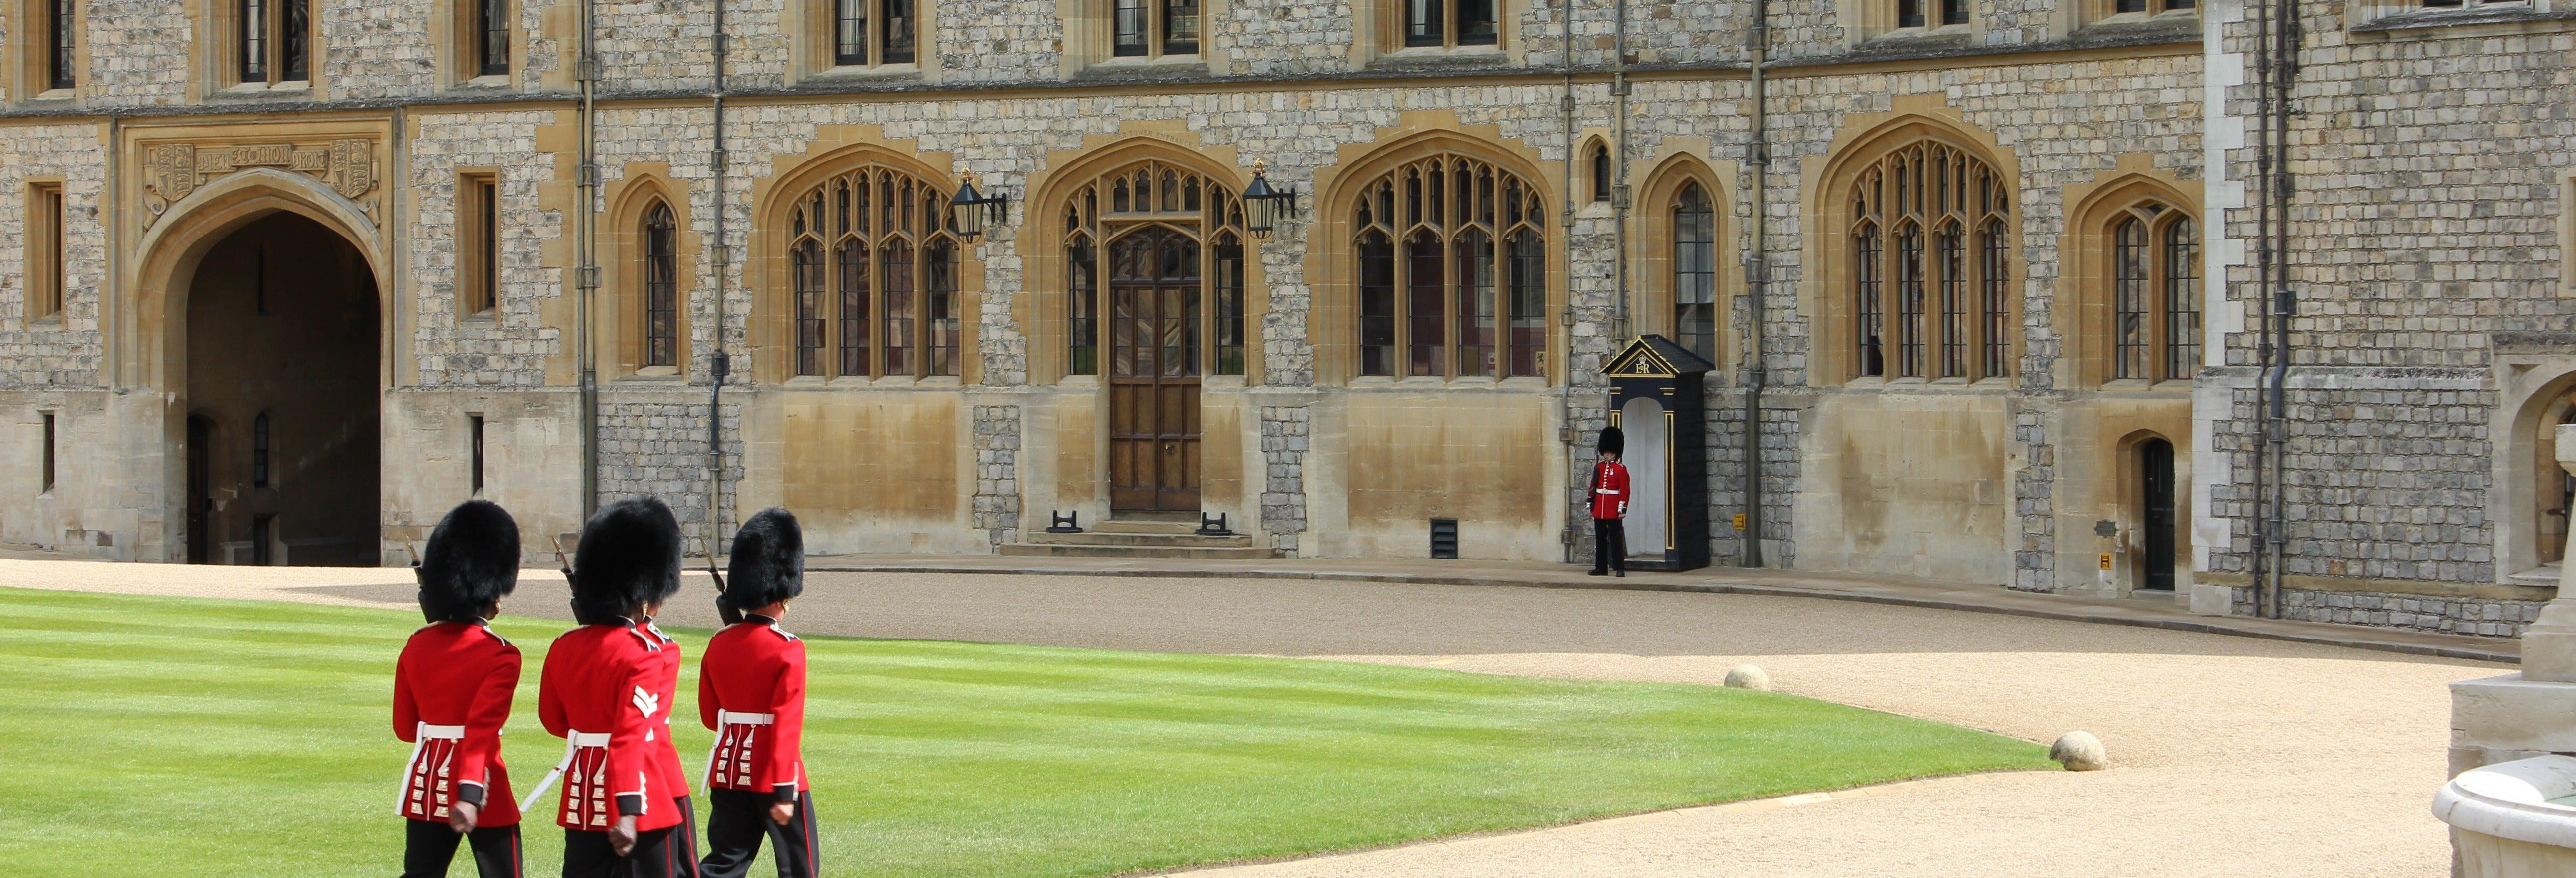 Autobus turistico di Windsor